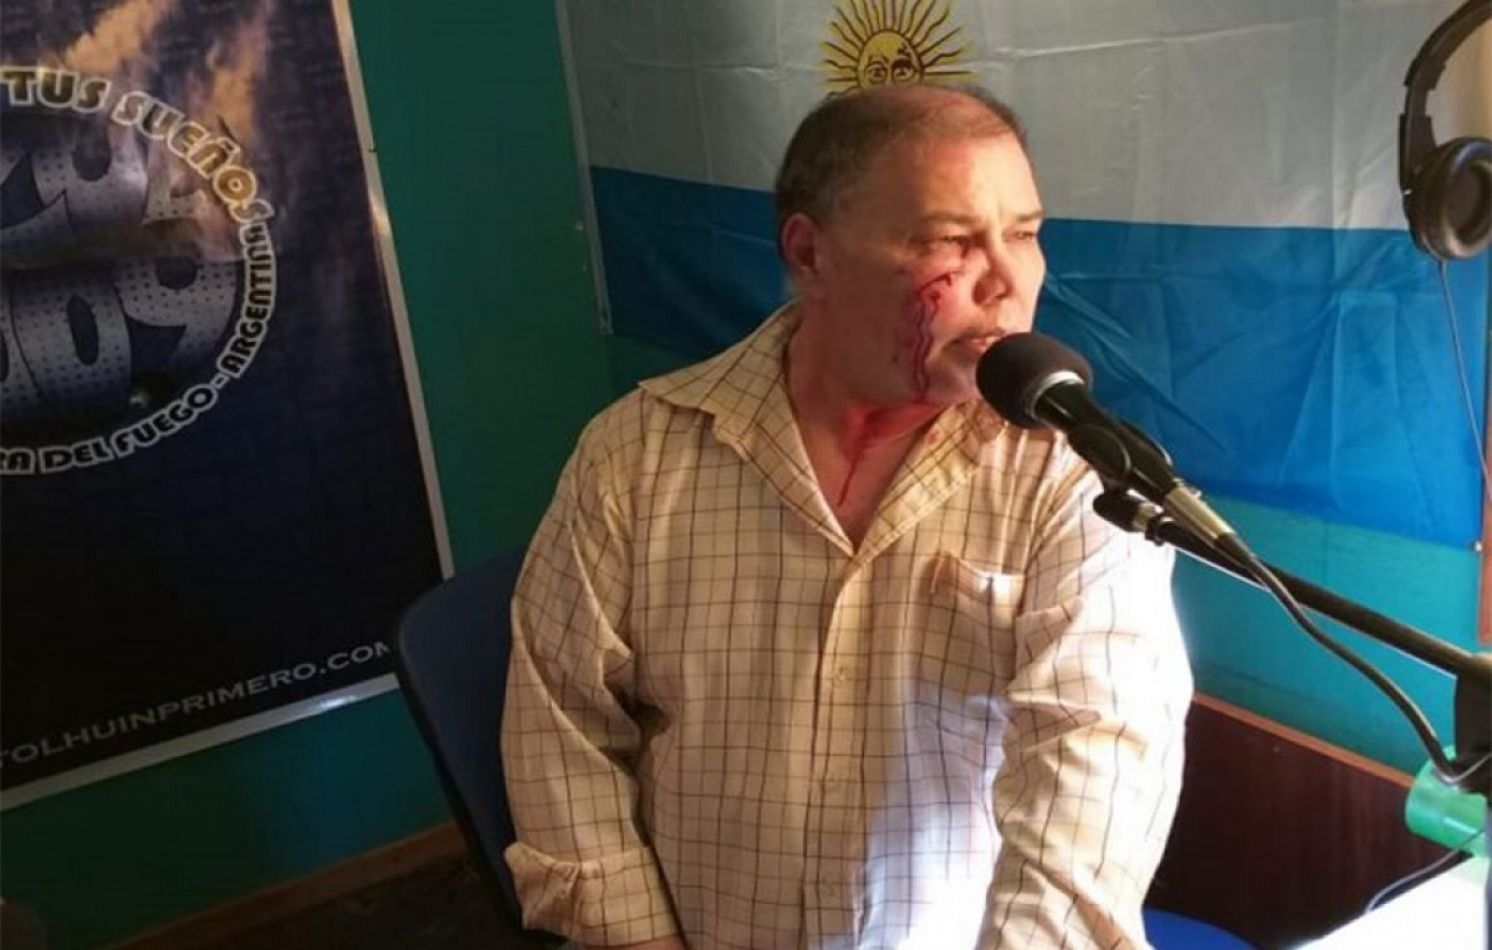 Agredieron a Telmo Benítez mientras emitía su programa de radio